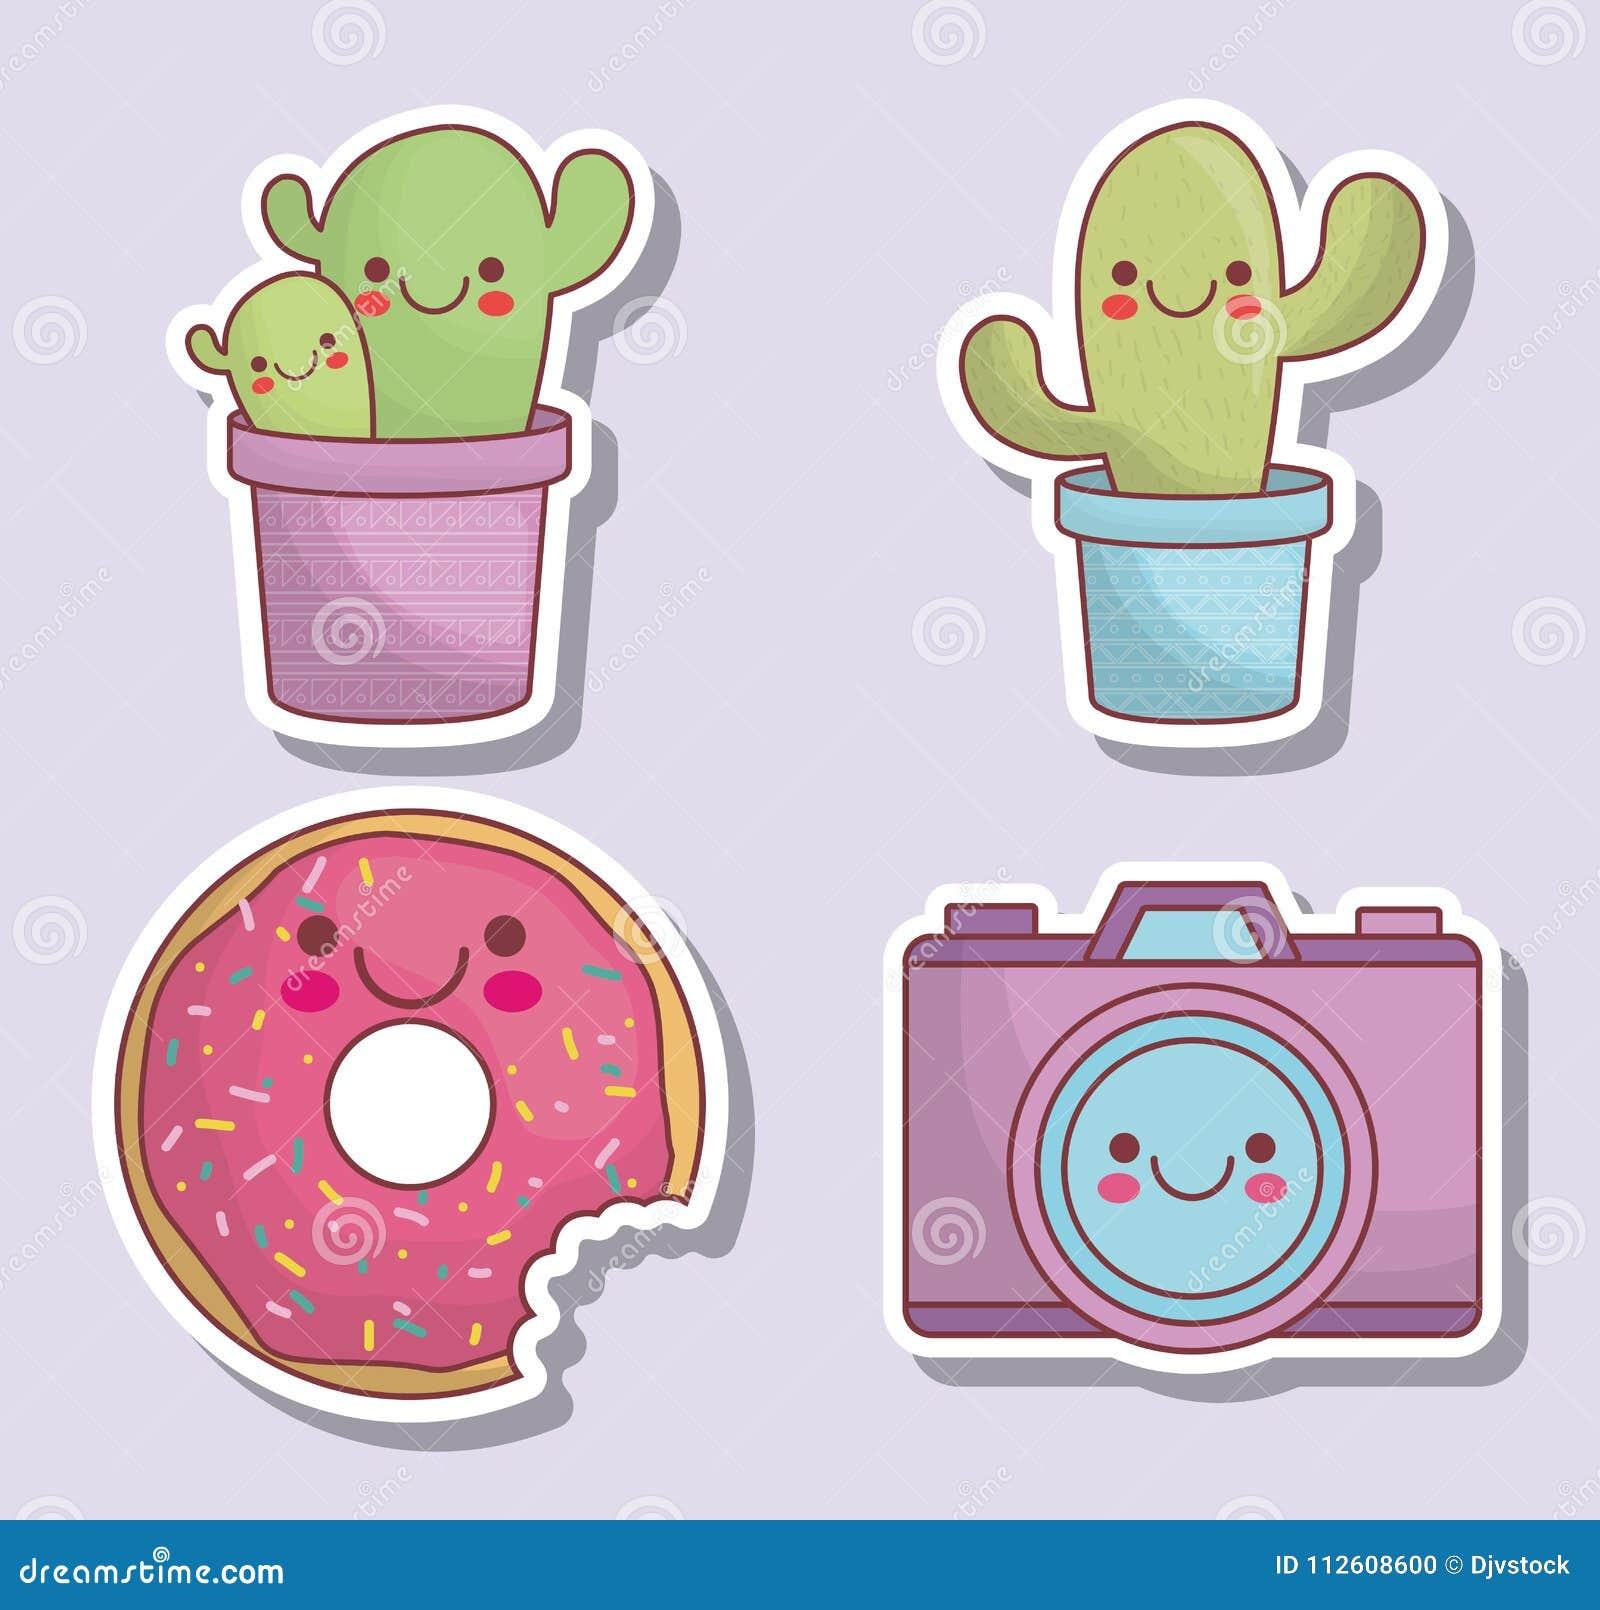 Iconos De La Cámara Y Del Cactus De Kawaii Ilustración Del Vector